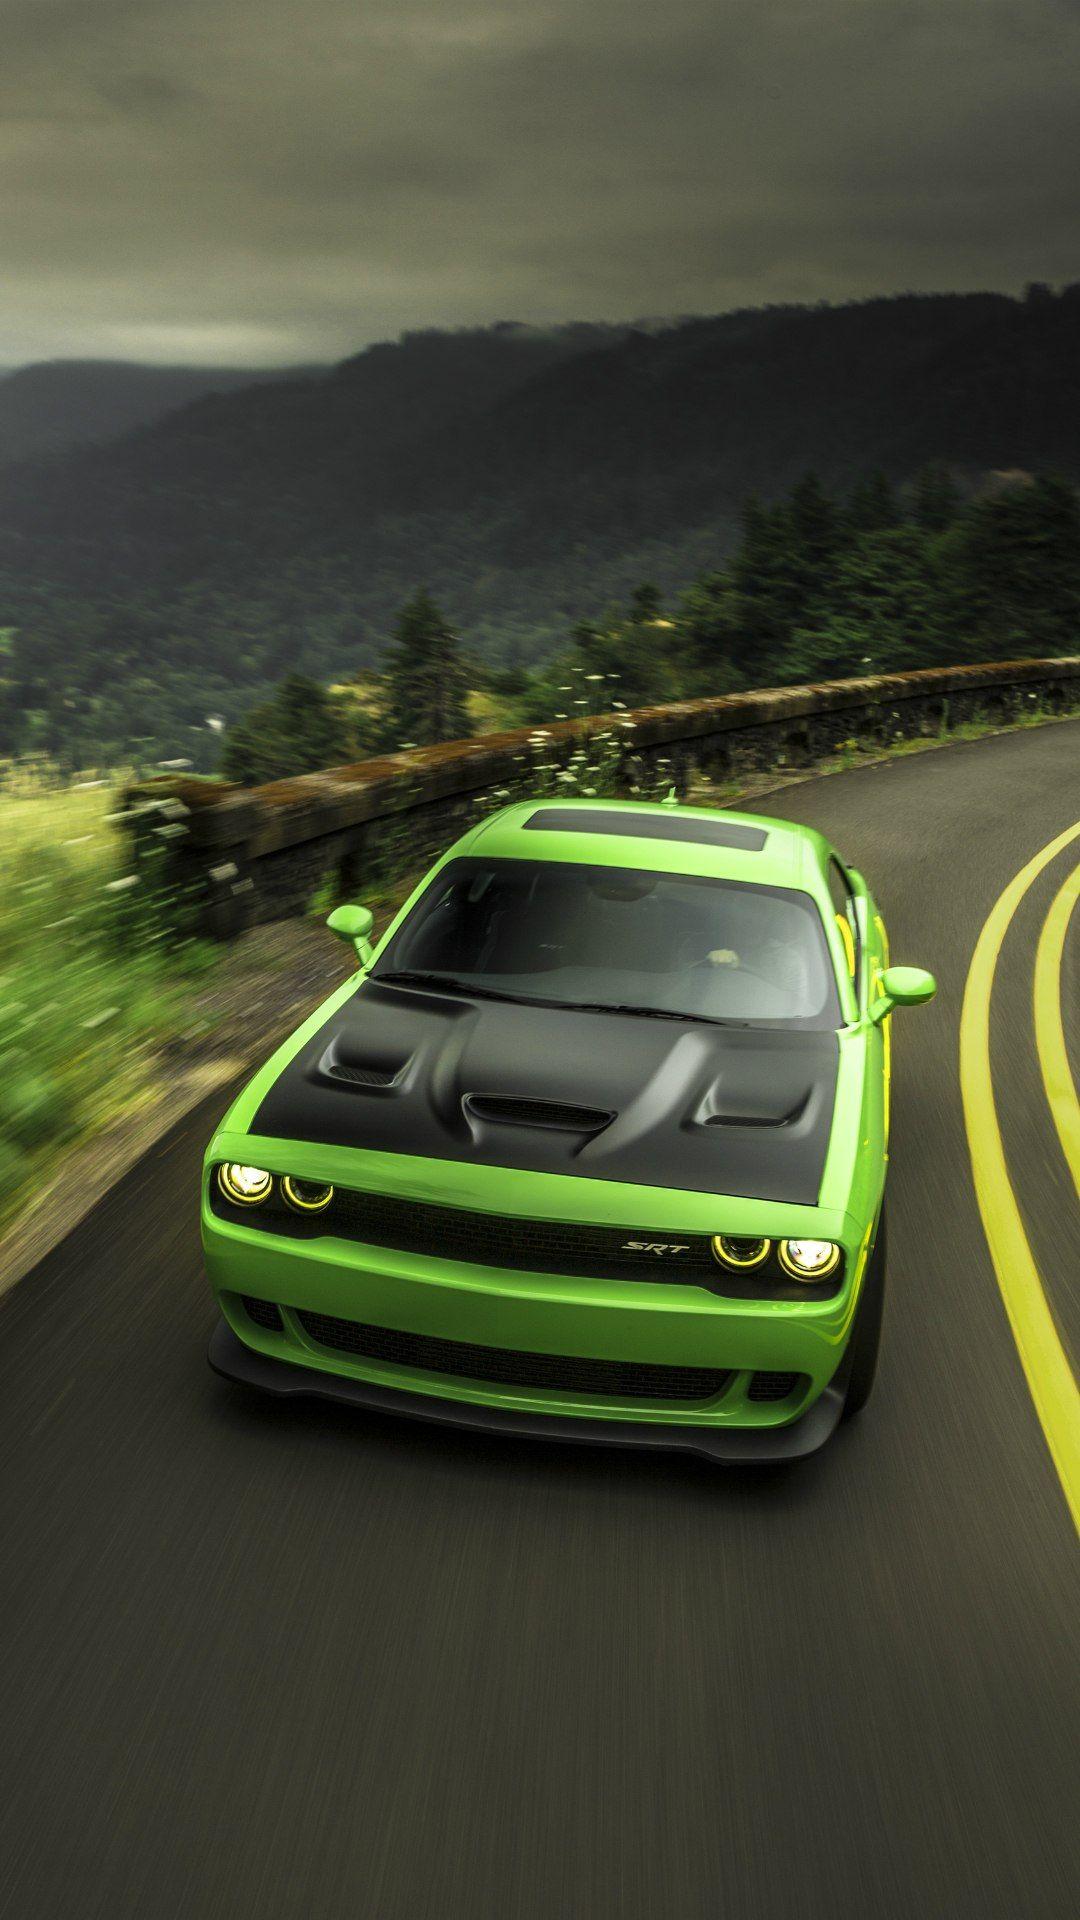 Dodge Challenger Hellcat Green Road 1080x1920 Dodge Challenger